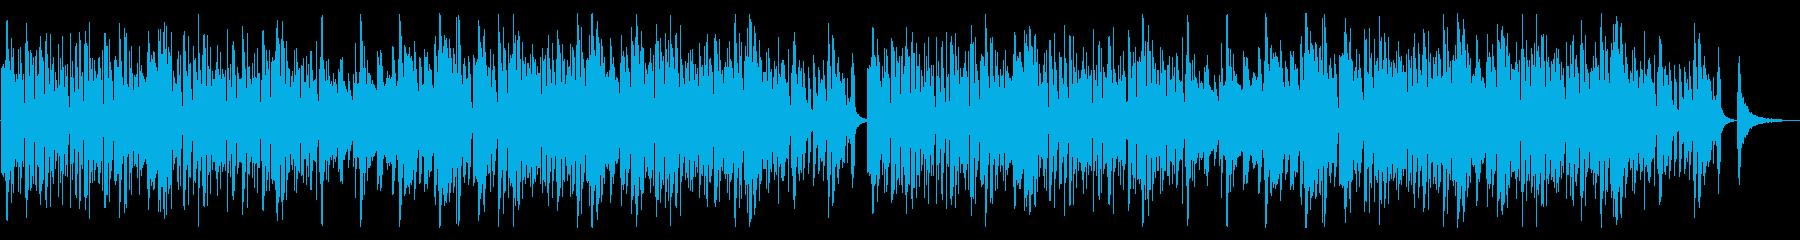 和風 ポップ・琴・優雅の再生済みの波形